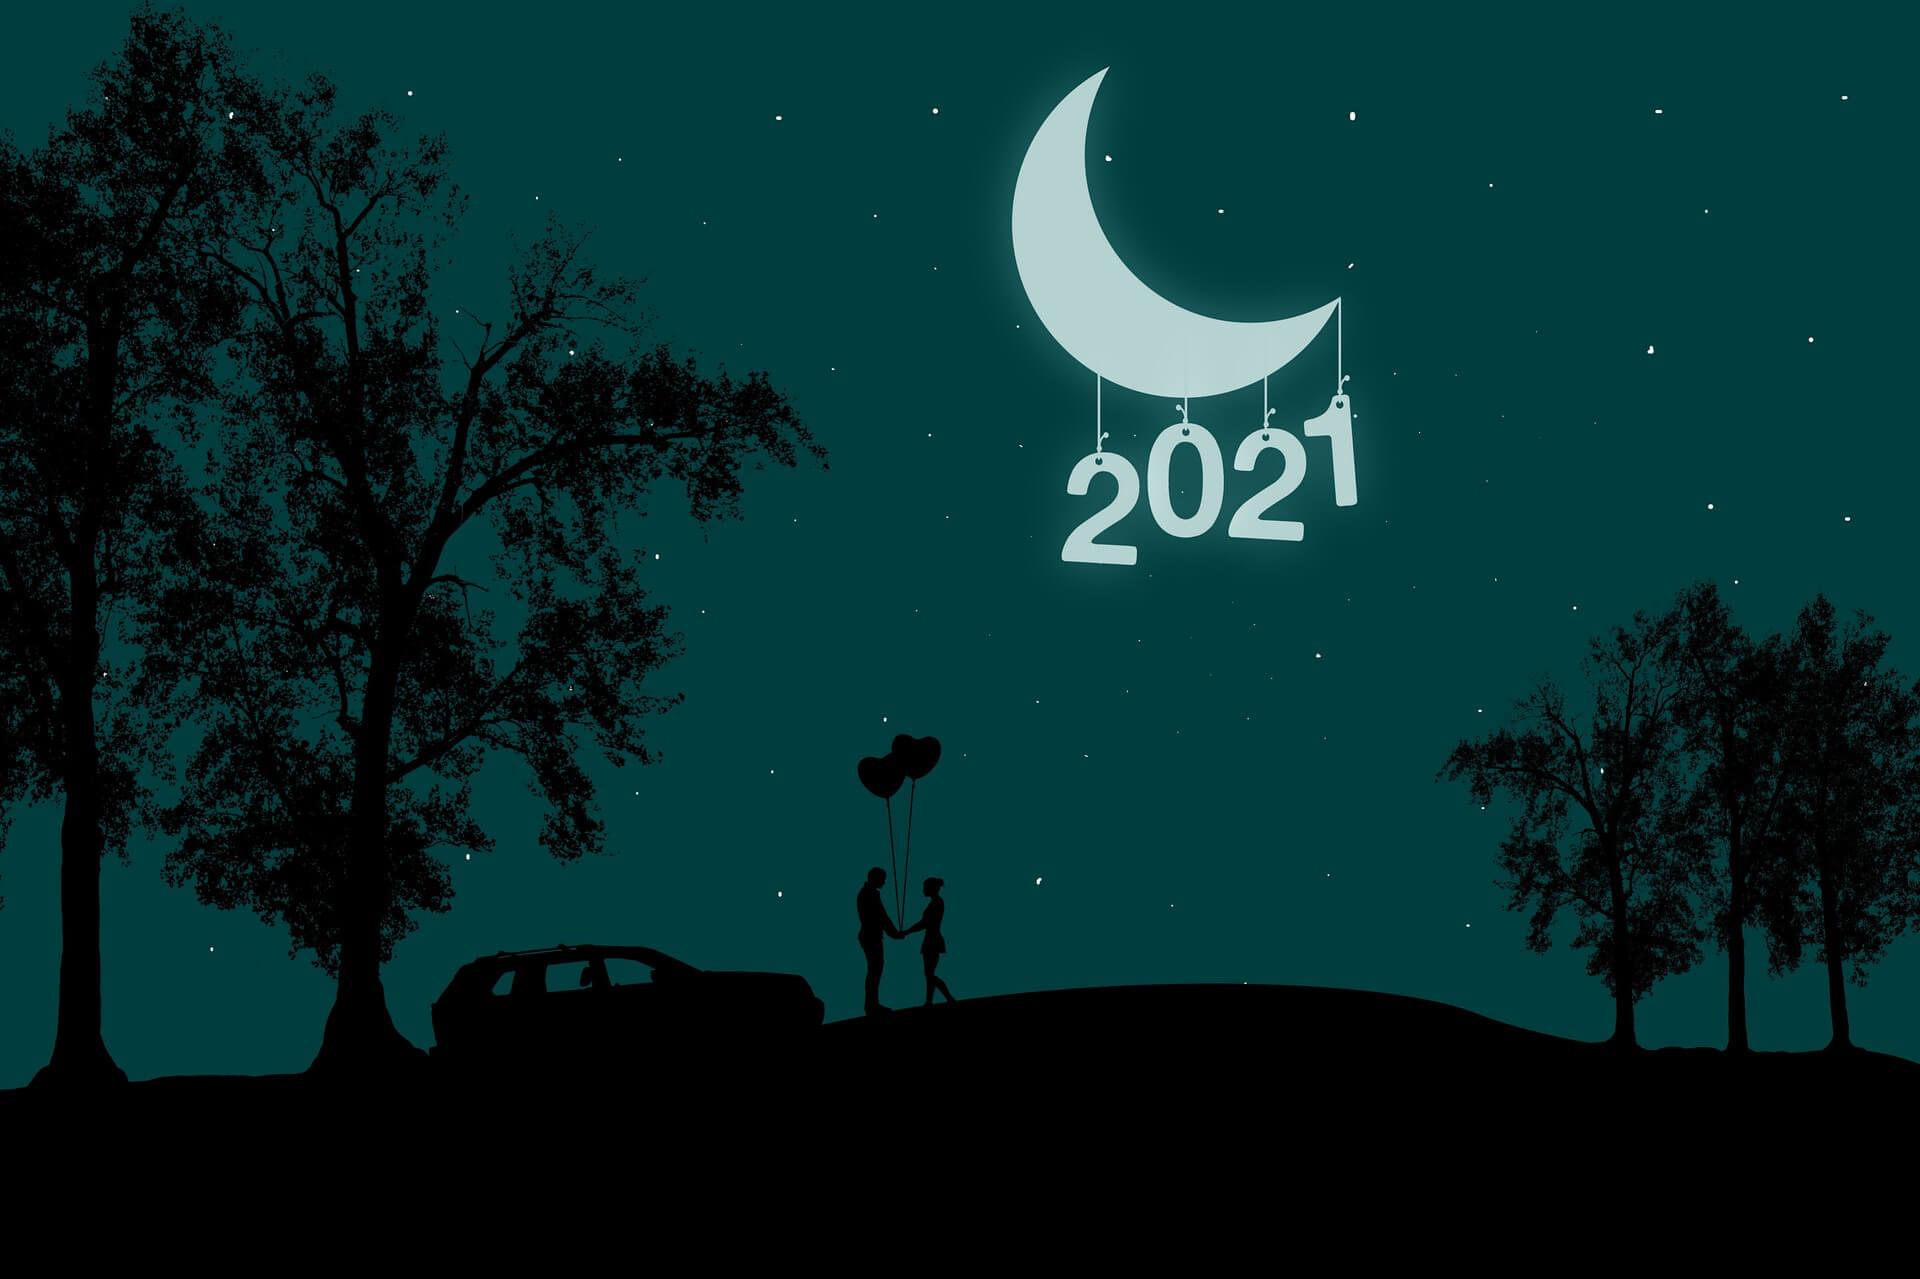 2021 karmaasztrológiai előrejelzés -Griga Zsuzsanna